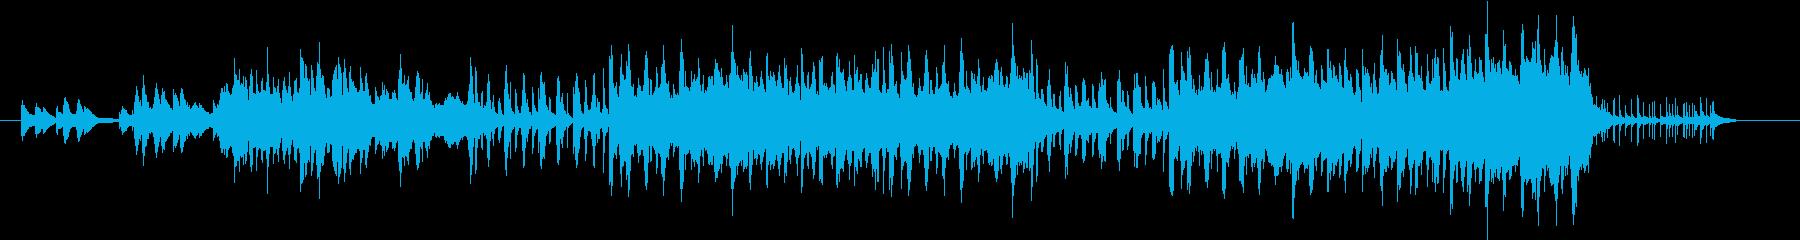 明るく変化のあるポップスサウンドの再生済みの波形